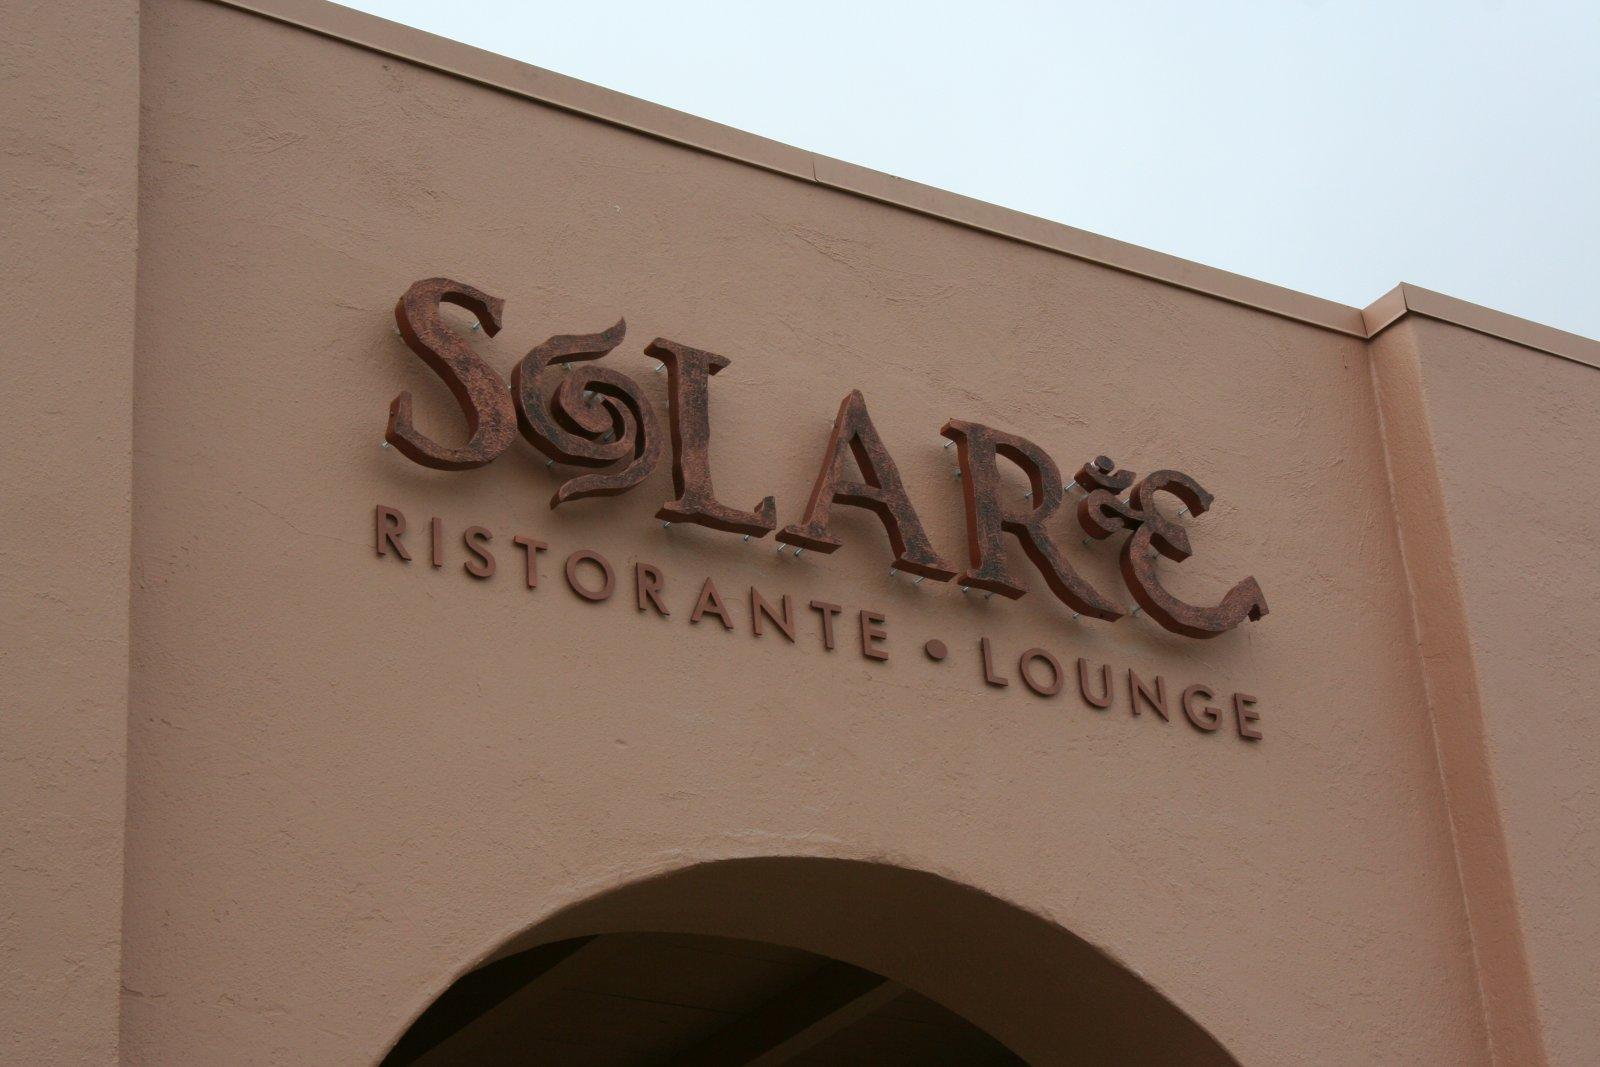 Solare Ristorante